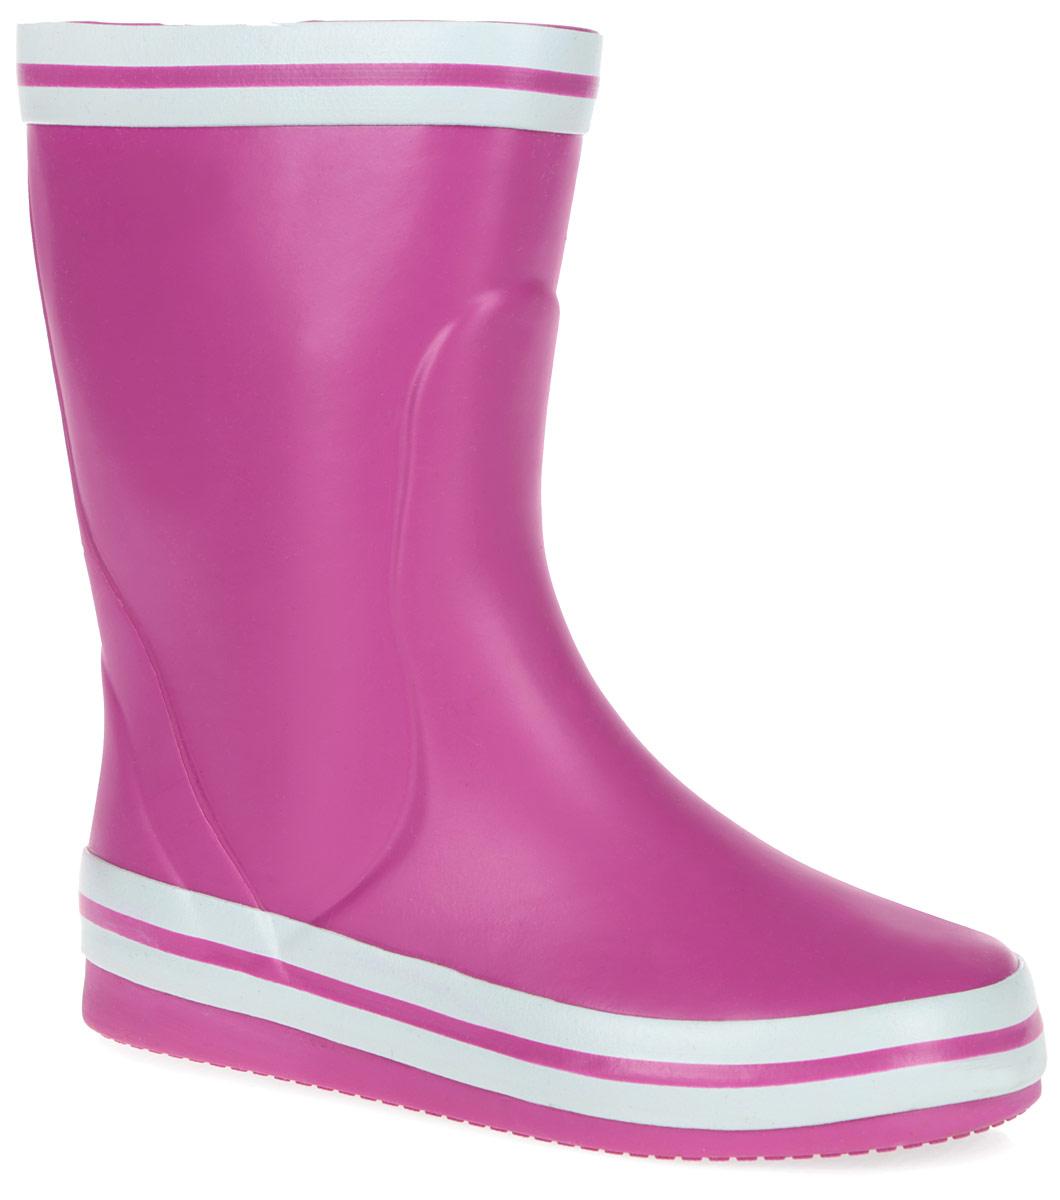 Сапоги резиновые для девочки. 100412100412Яркие резиновые сапоги от Mursu - идеальная обувь в дождливую погоду для вашей девочки. Сапоги выполнены из резины и оформлены контрастными полосками вдоль канта и ранта. Внутренняя поверхность из хлопка и съемная стелька EVA с текстильной поверхностью комфортны при движении. Рифление на подошве гарантирует отличное сцепление с любой поверхностью. Резиновые сапоги не только защитят ноги вашей девочки от промокания в дождливый день, но и поднимут ей настроение.